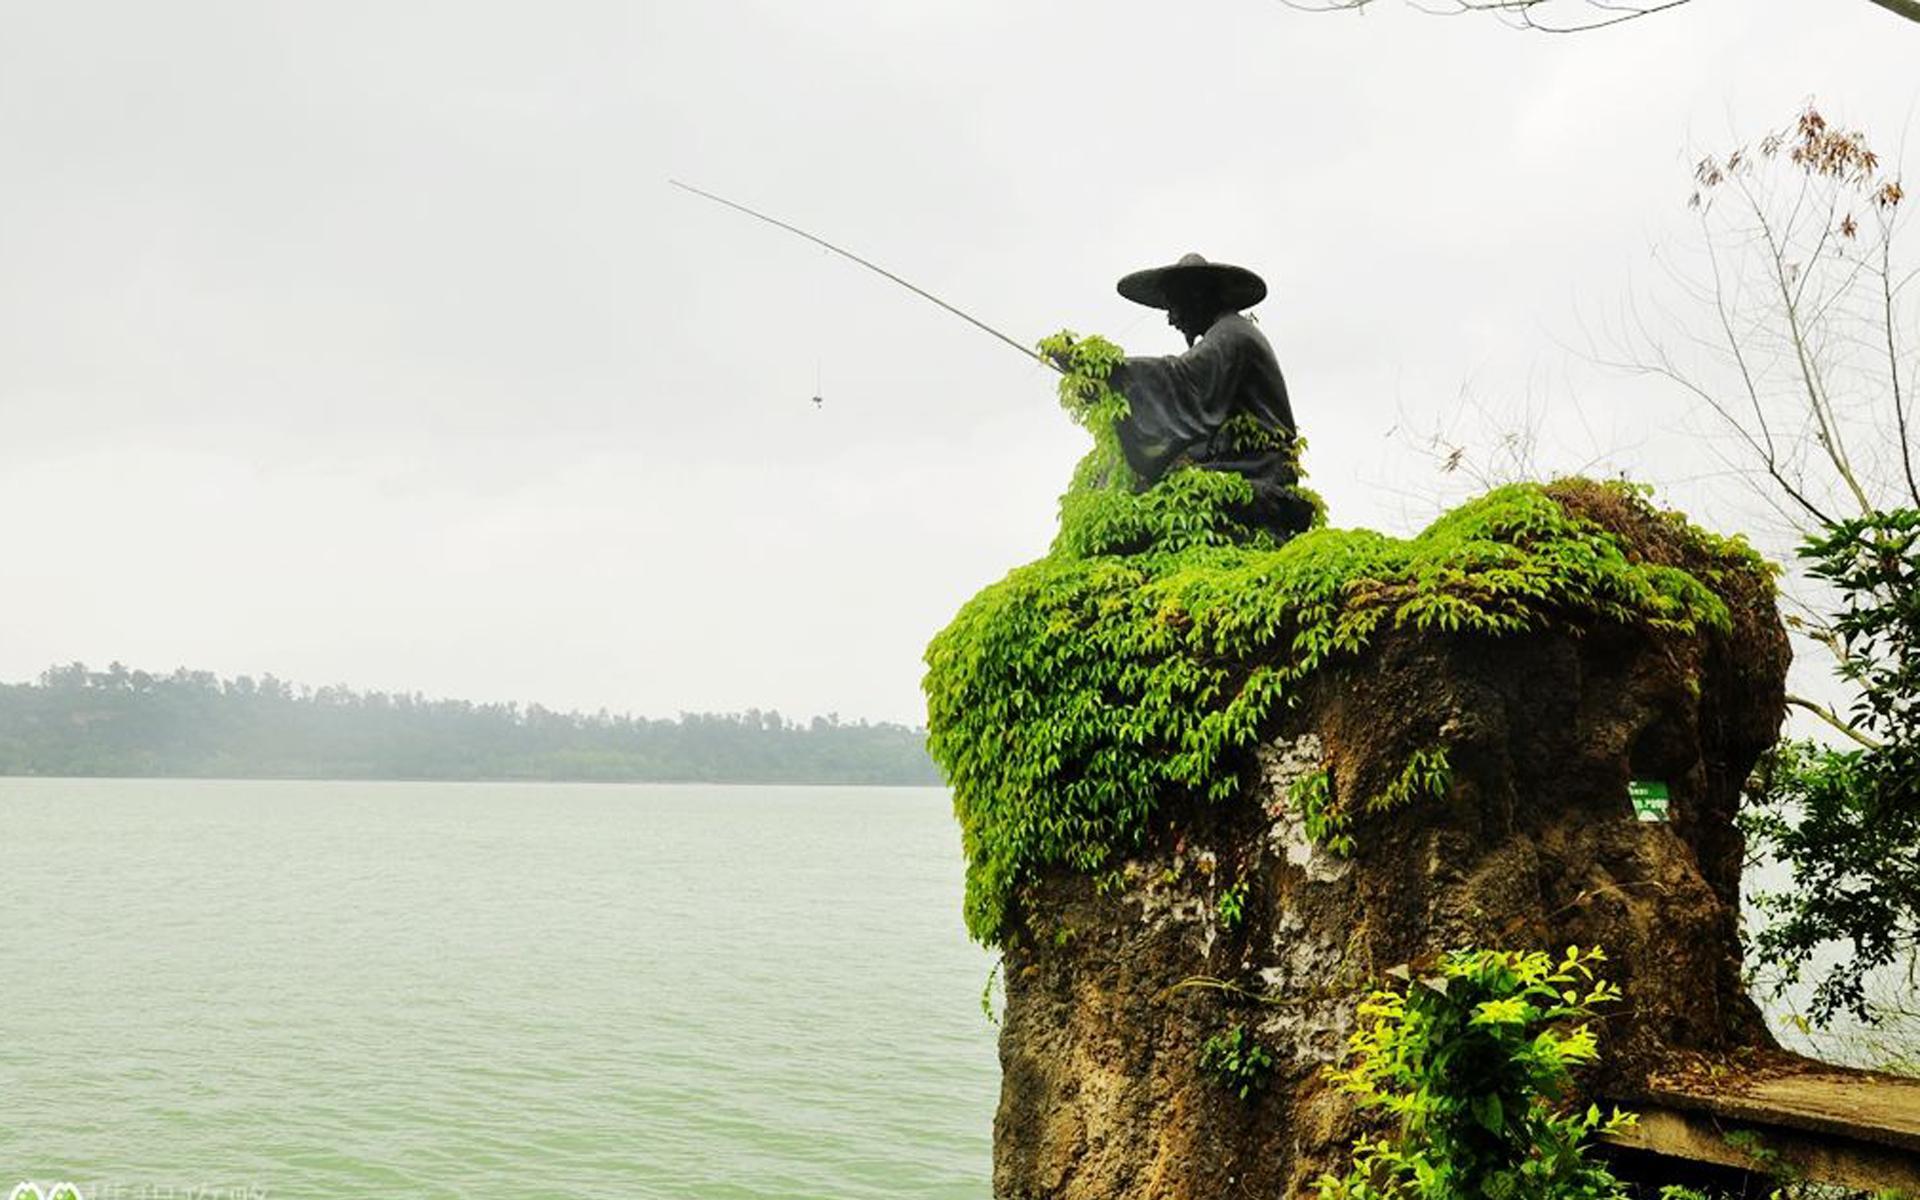 湛江湖光岩风景图片桌面壁纸